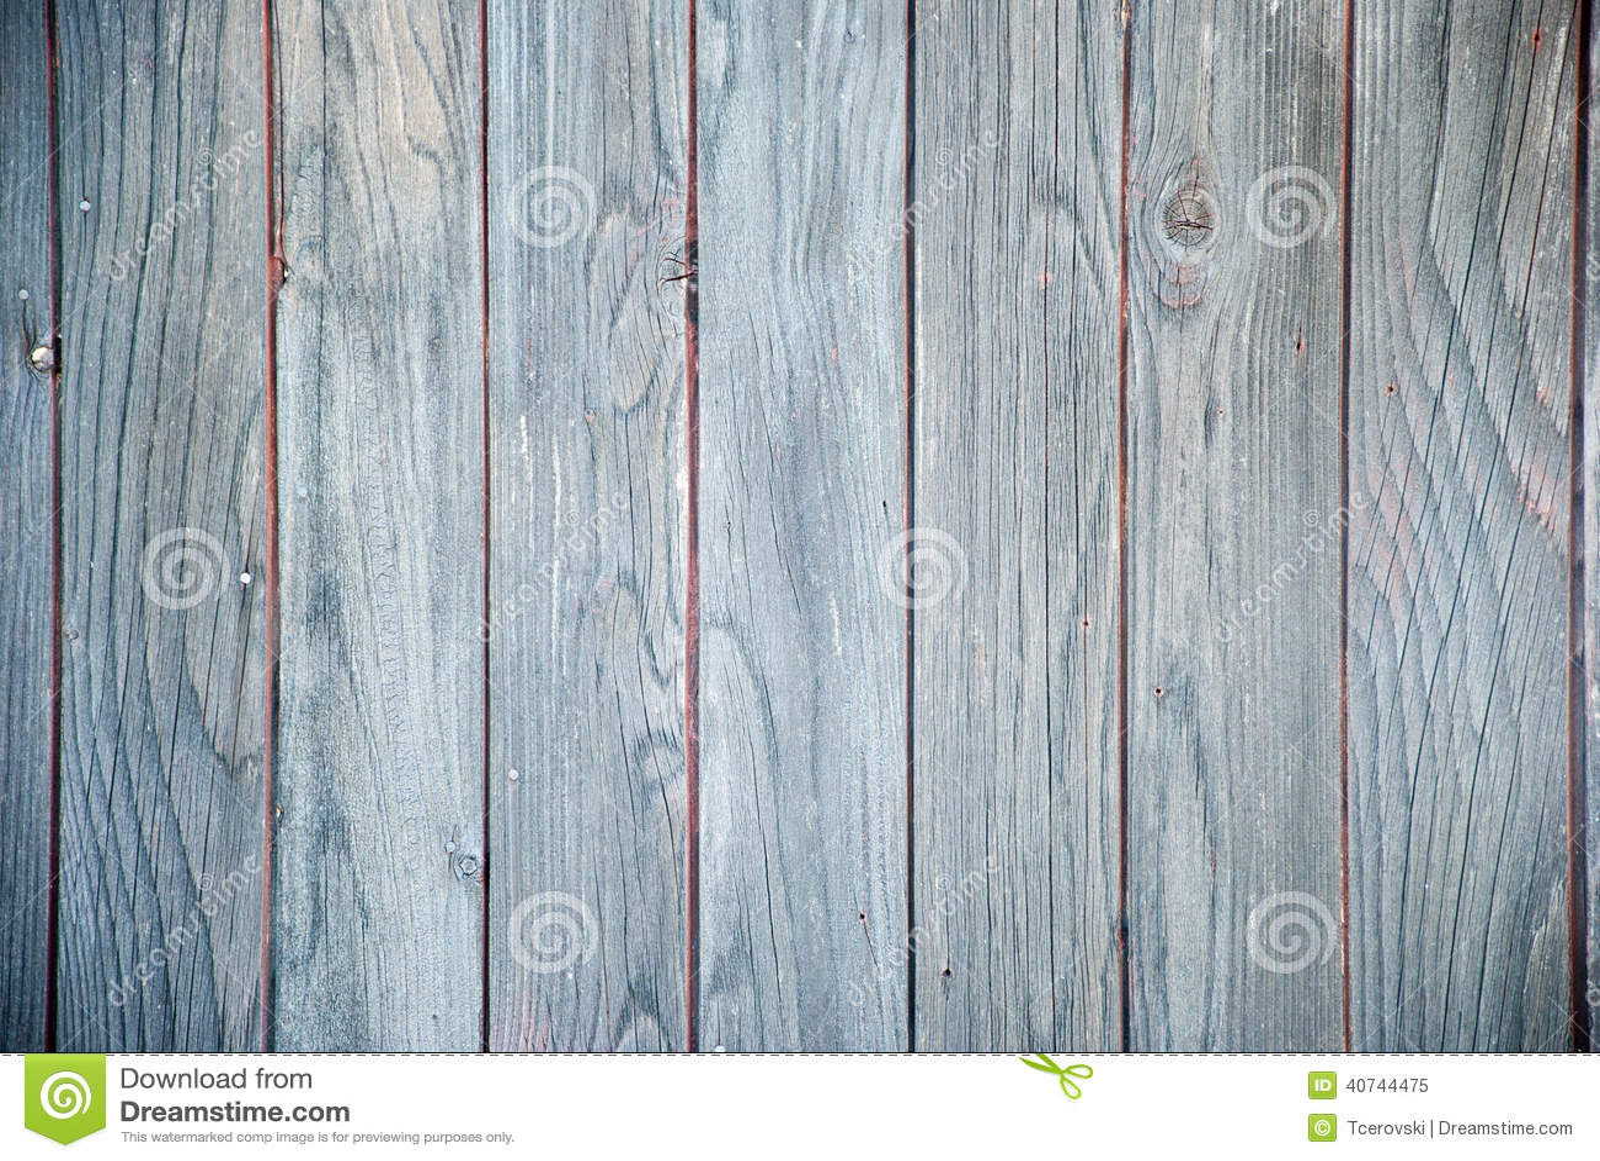 Fond en bois gris de texture de mur de planche photo stock for Planche bois gris